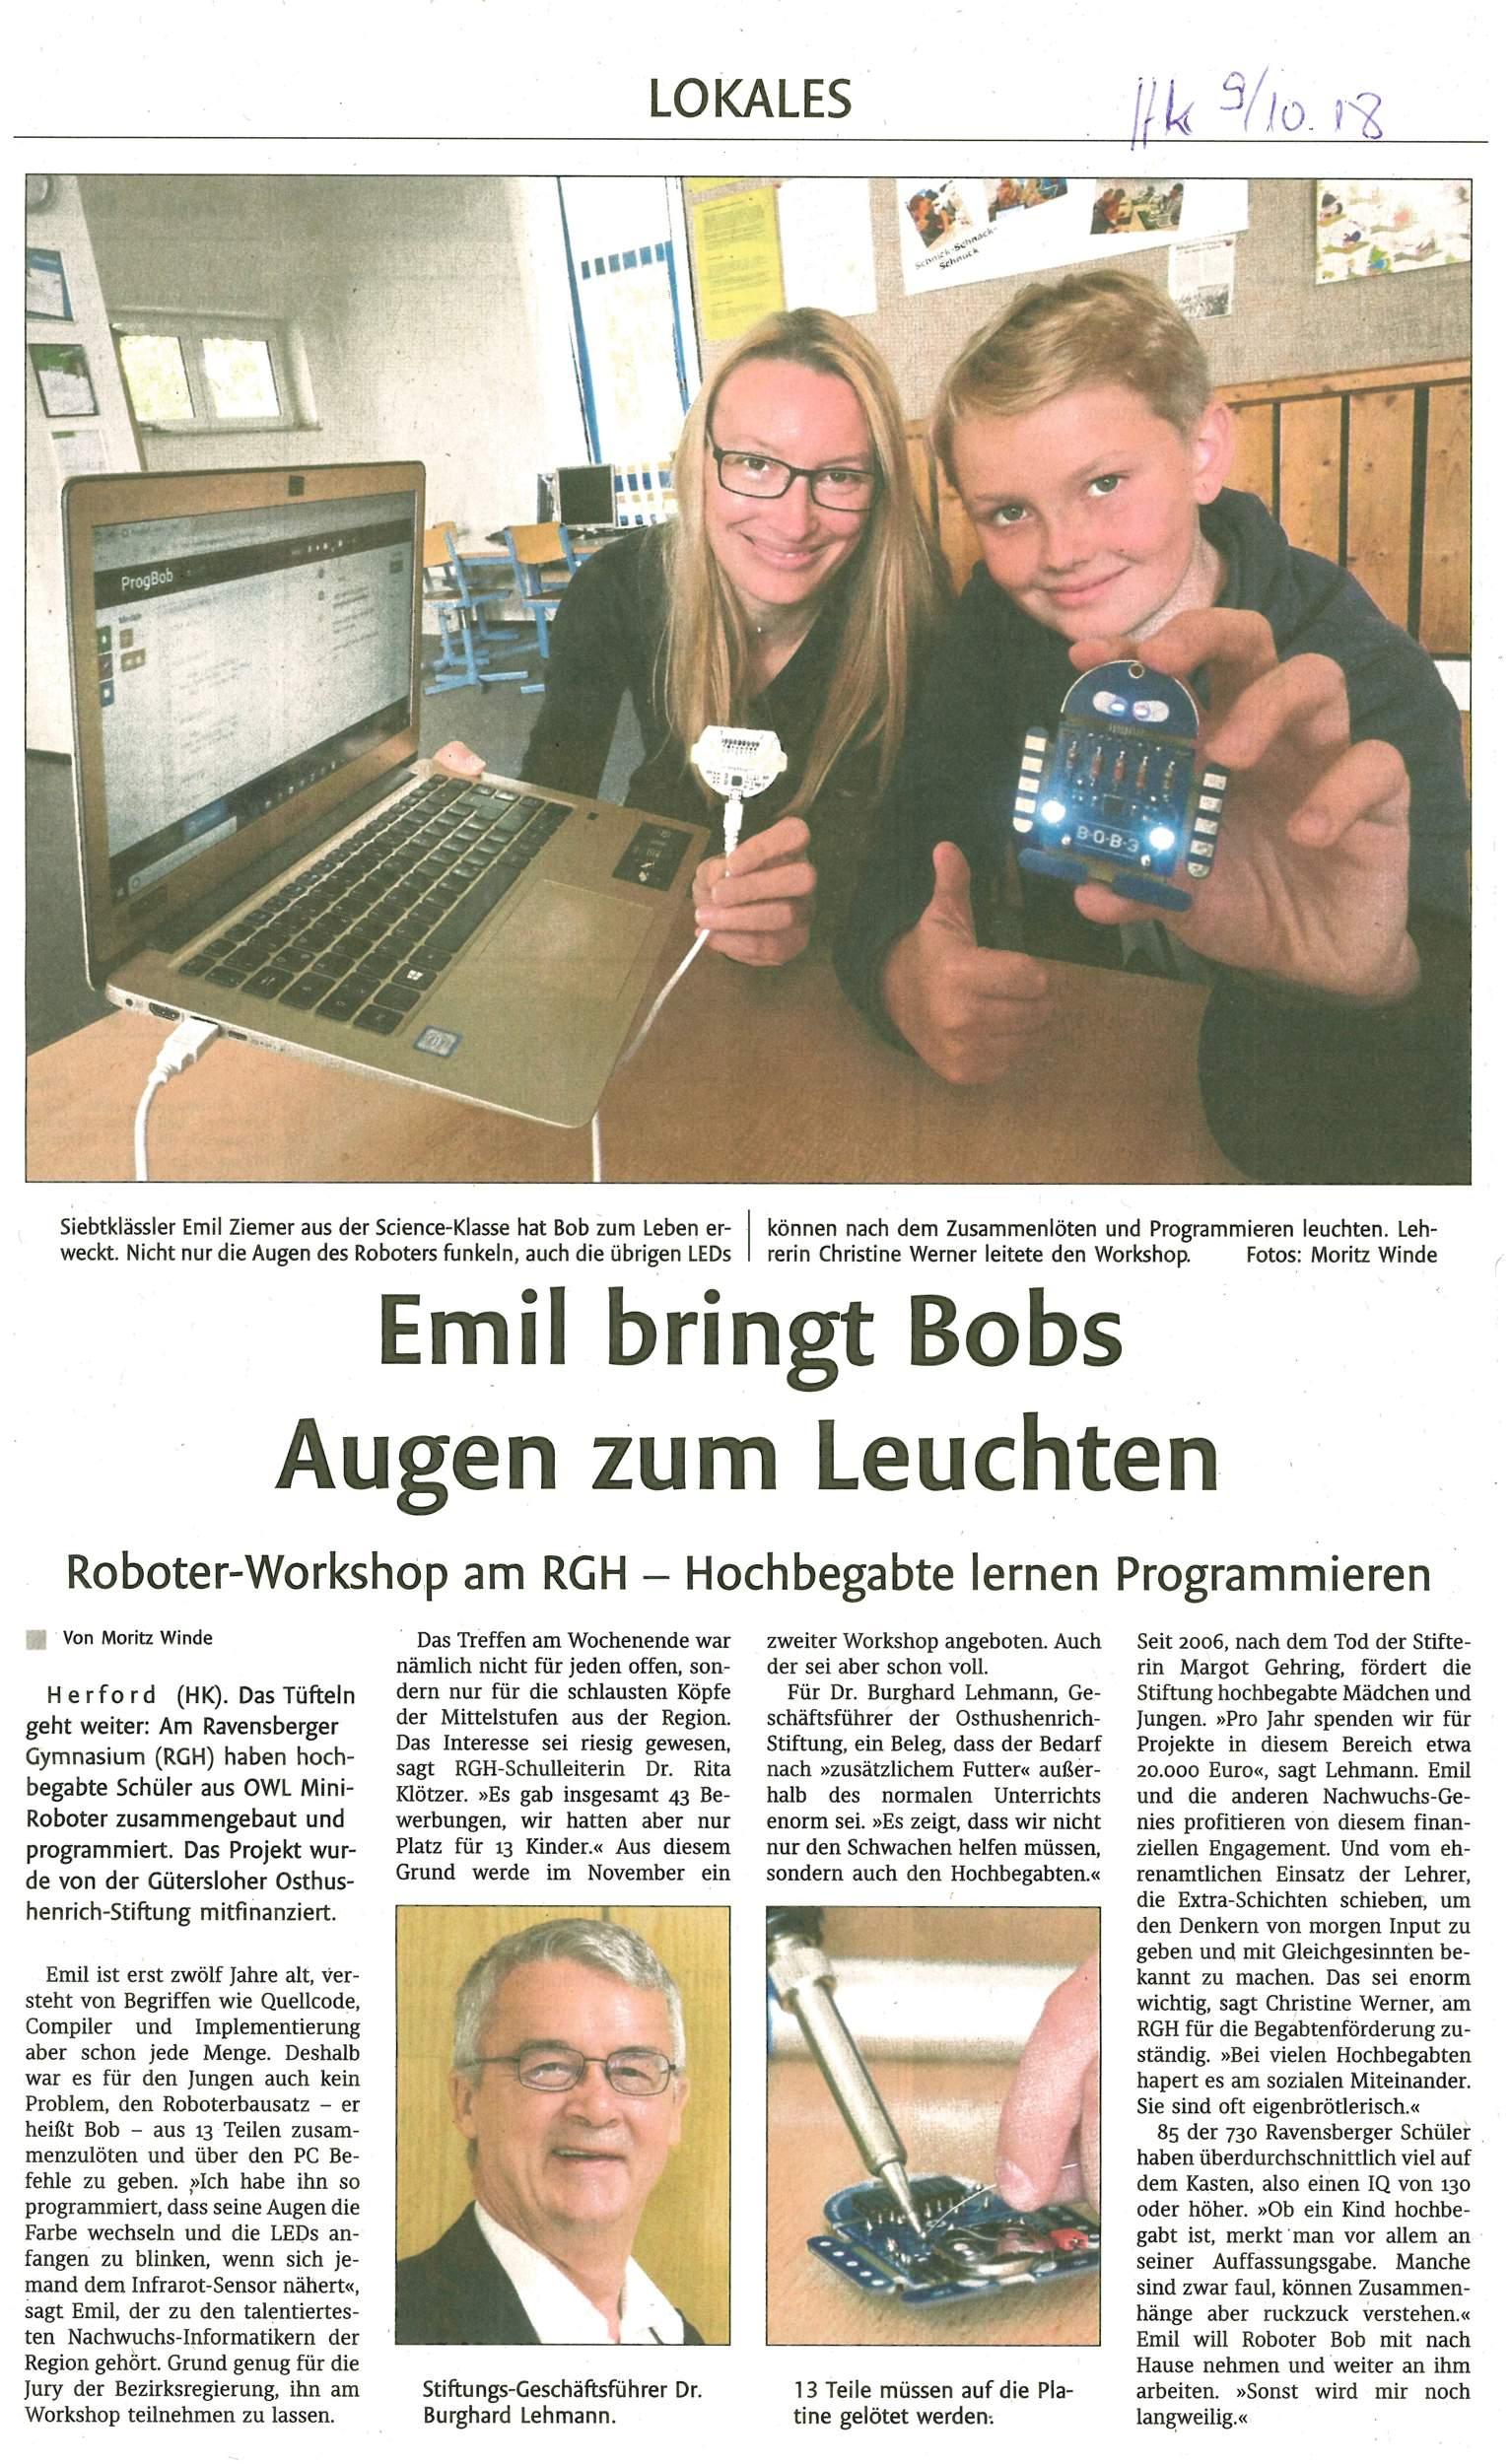 9 Pressefotos Angenehm Zu Schmecken Der Innere Kreis Presseheft